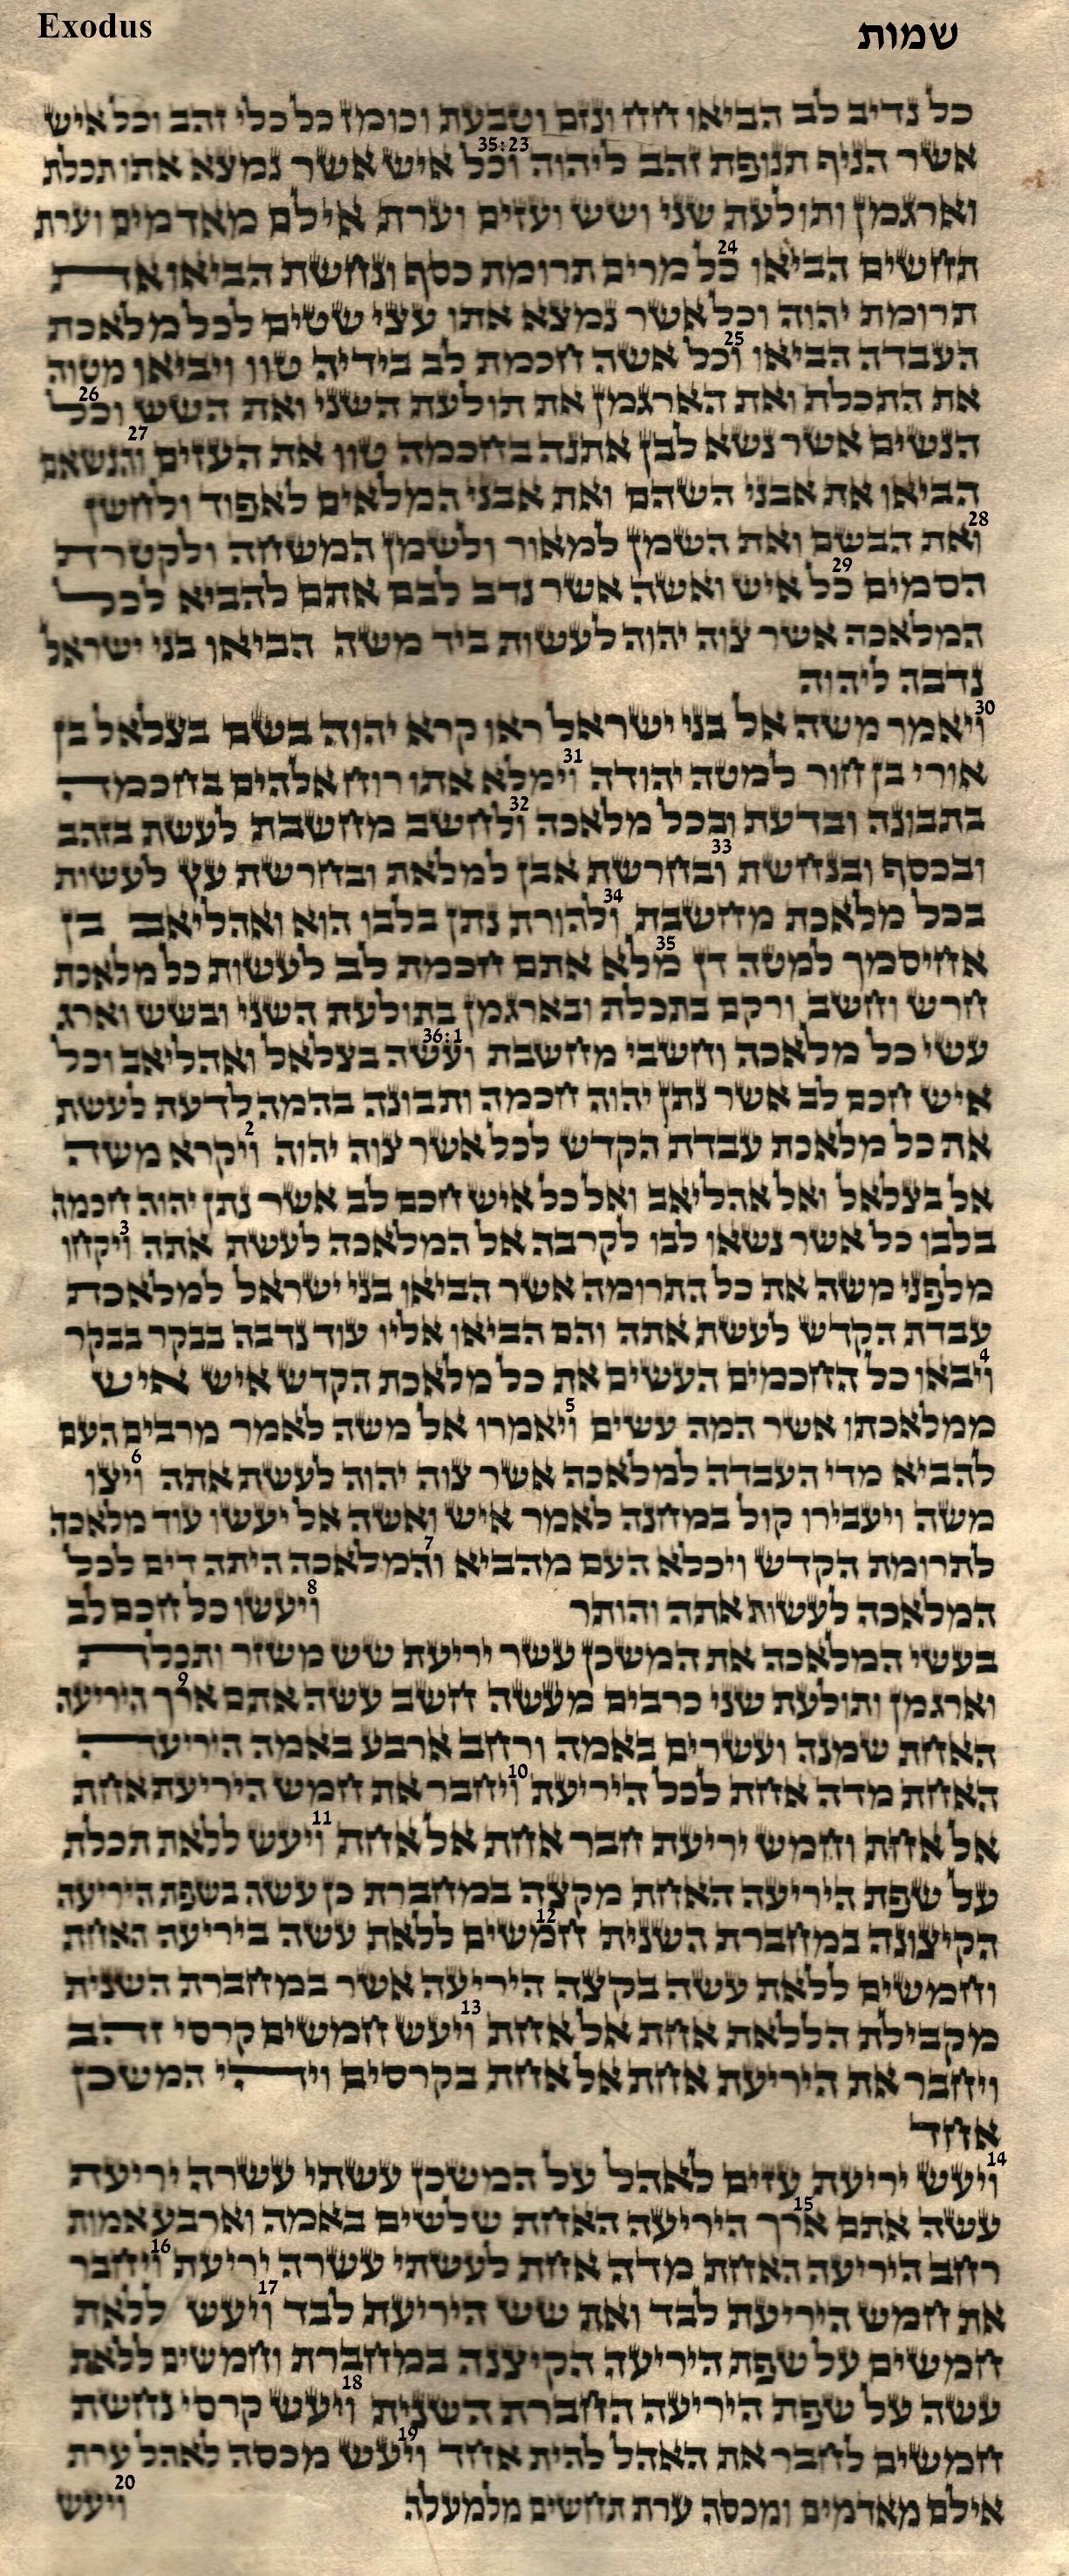 Exodus 35.23 - 36.20